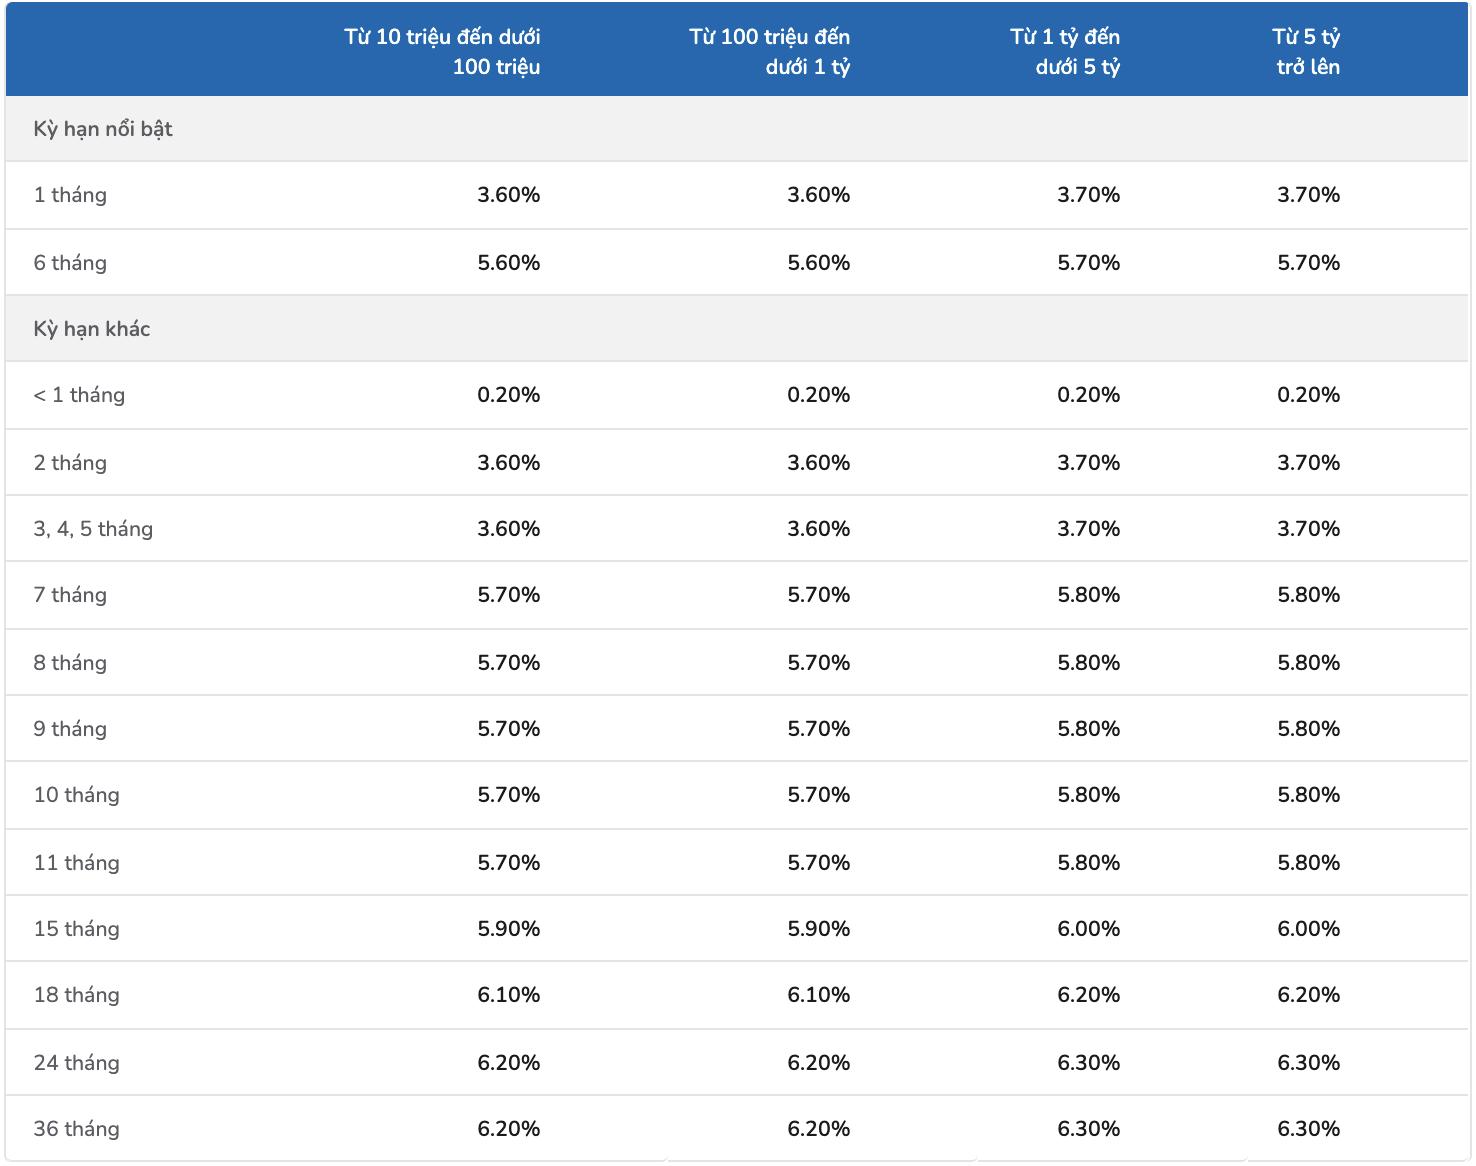 Lãi suất ngân hàng VIB tháng 3/2021 cao nhất là bao nhiêu? - Ảnh 2.